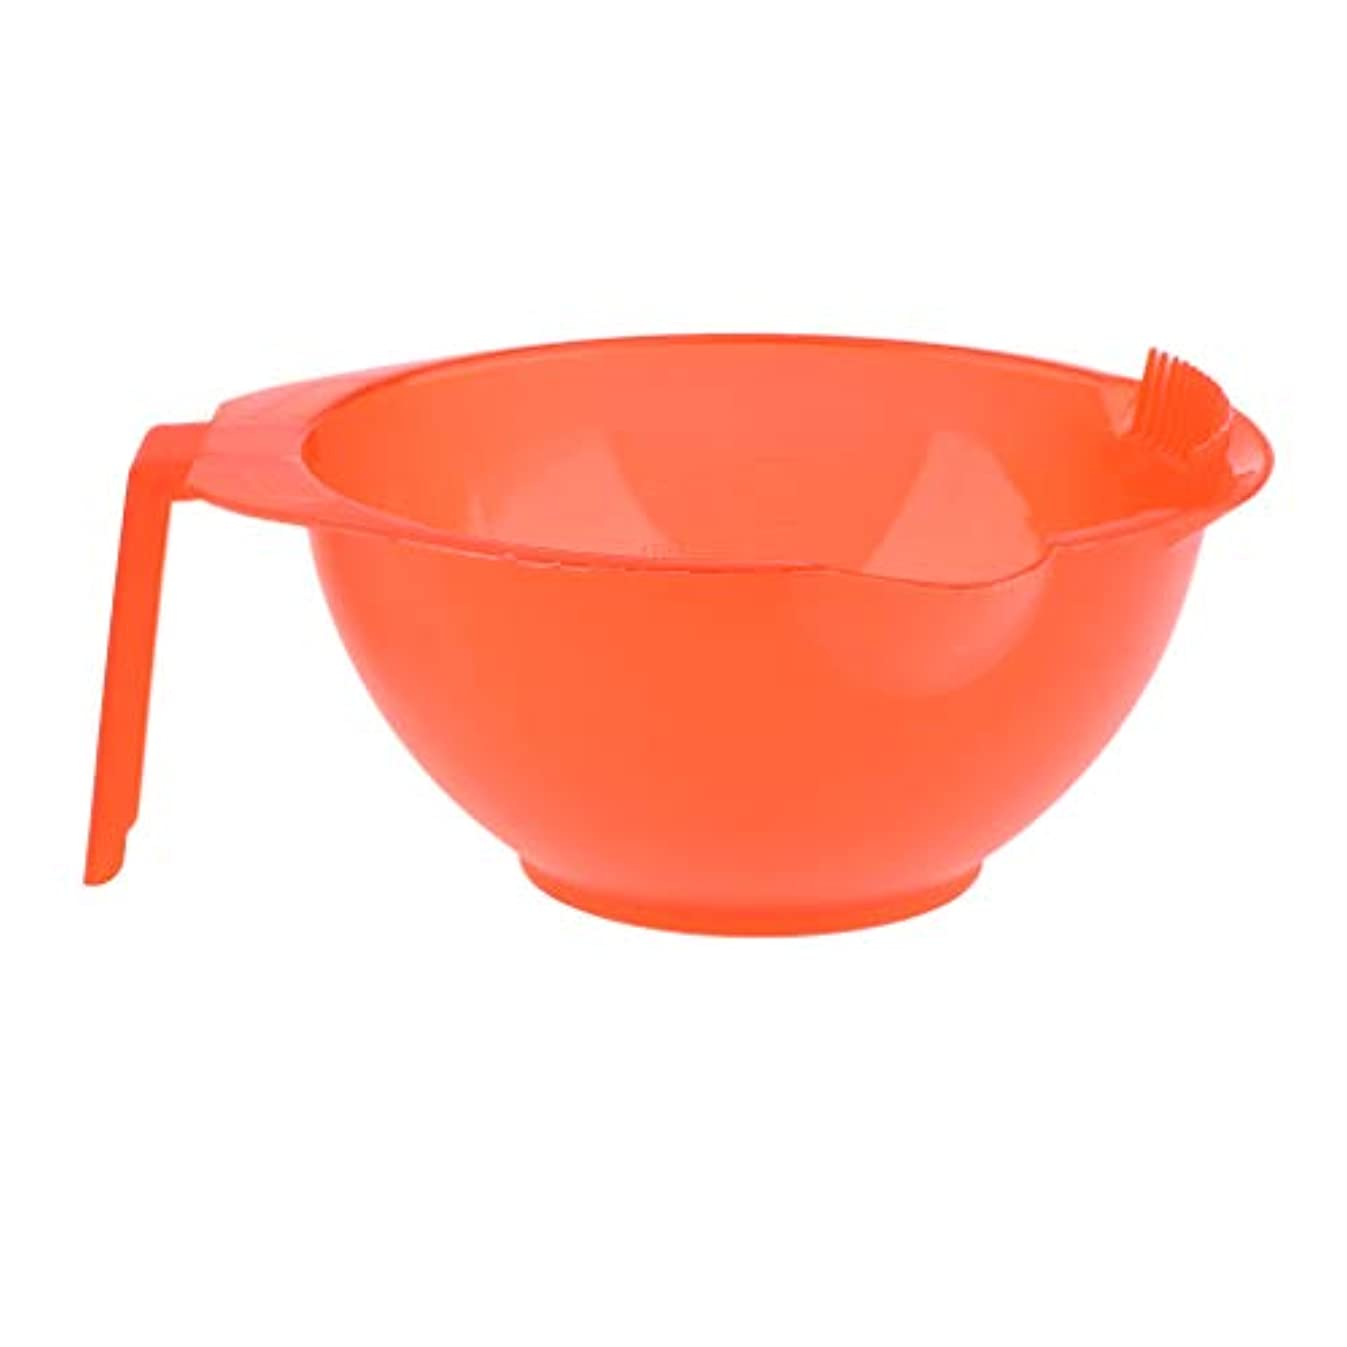 ウィンクバルーンメダリストヘアダイ ヘアカラー カップ 髪染め プラスチック製 家庭用 美容師 プロ用 5色選べ - 赤